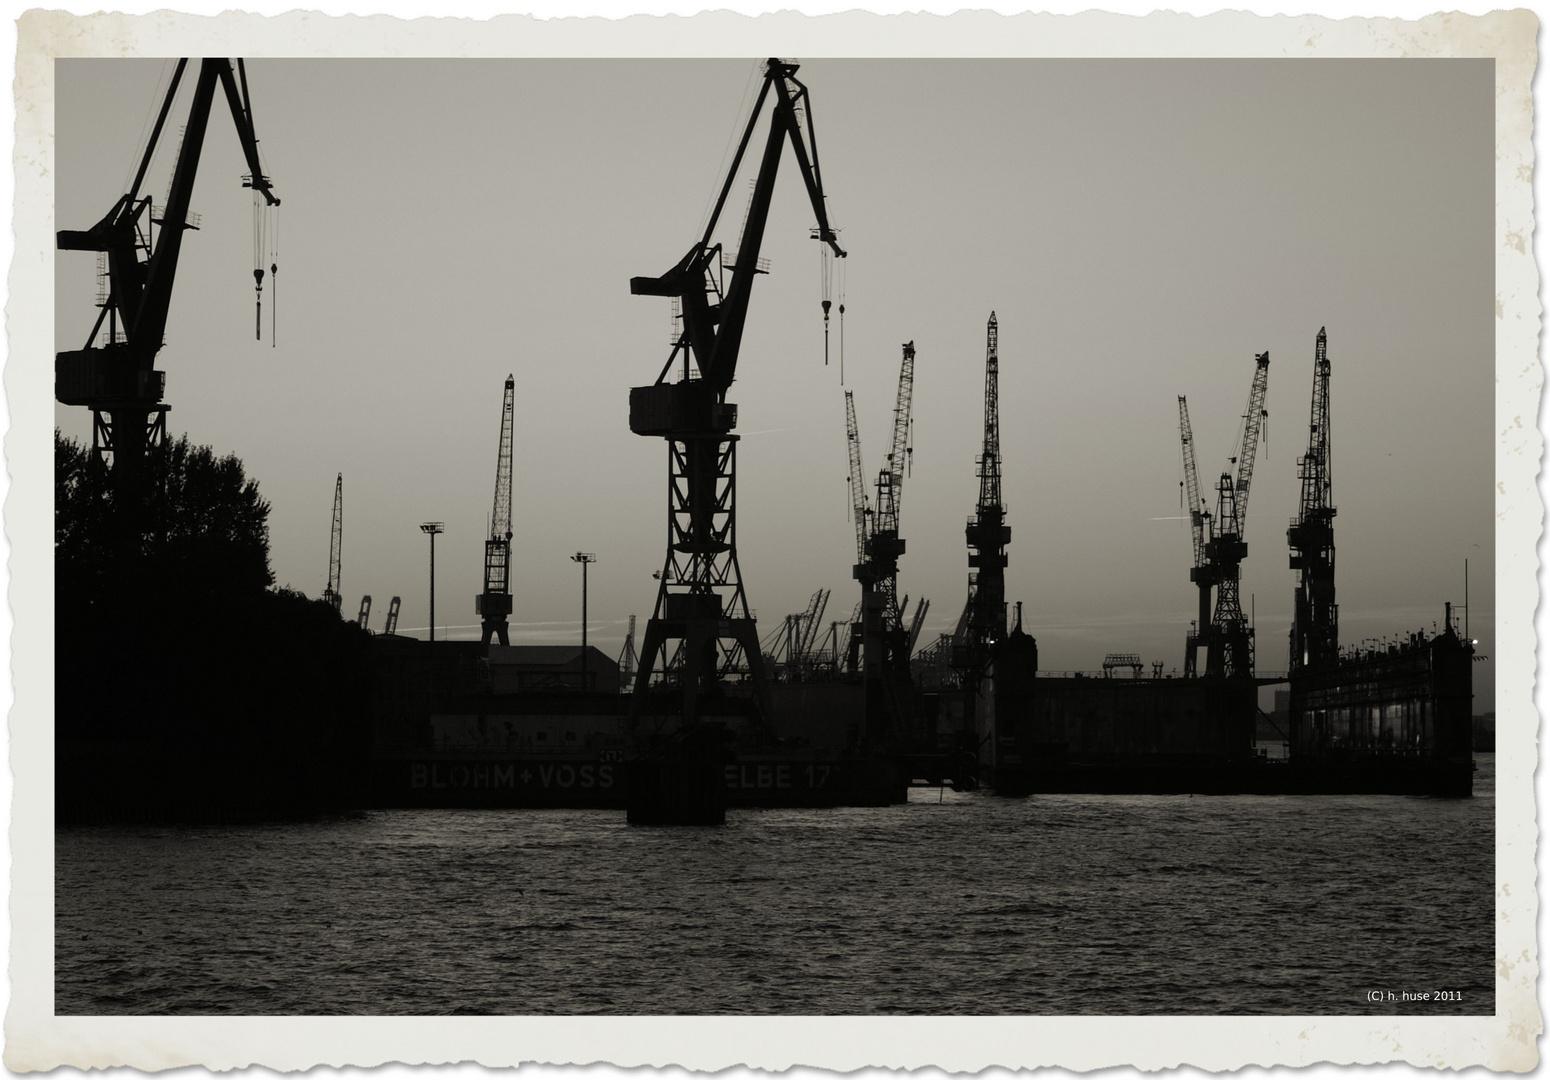 Blohm + Voss Schiffswerft in Hamburg